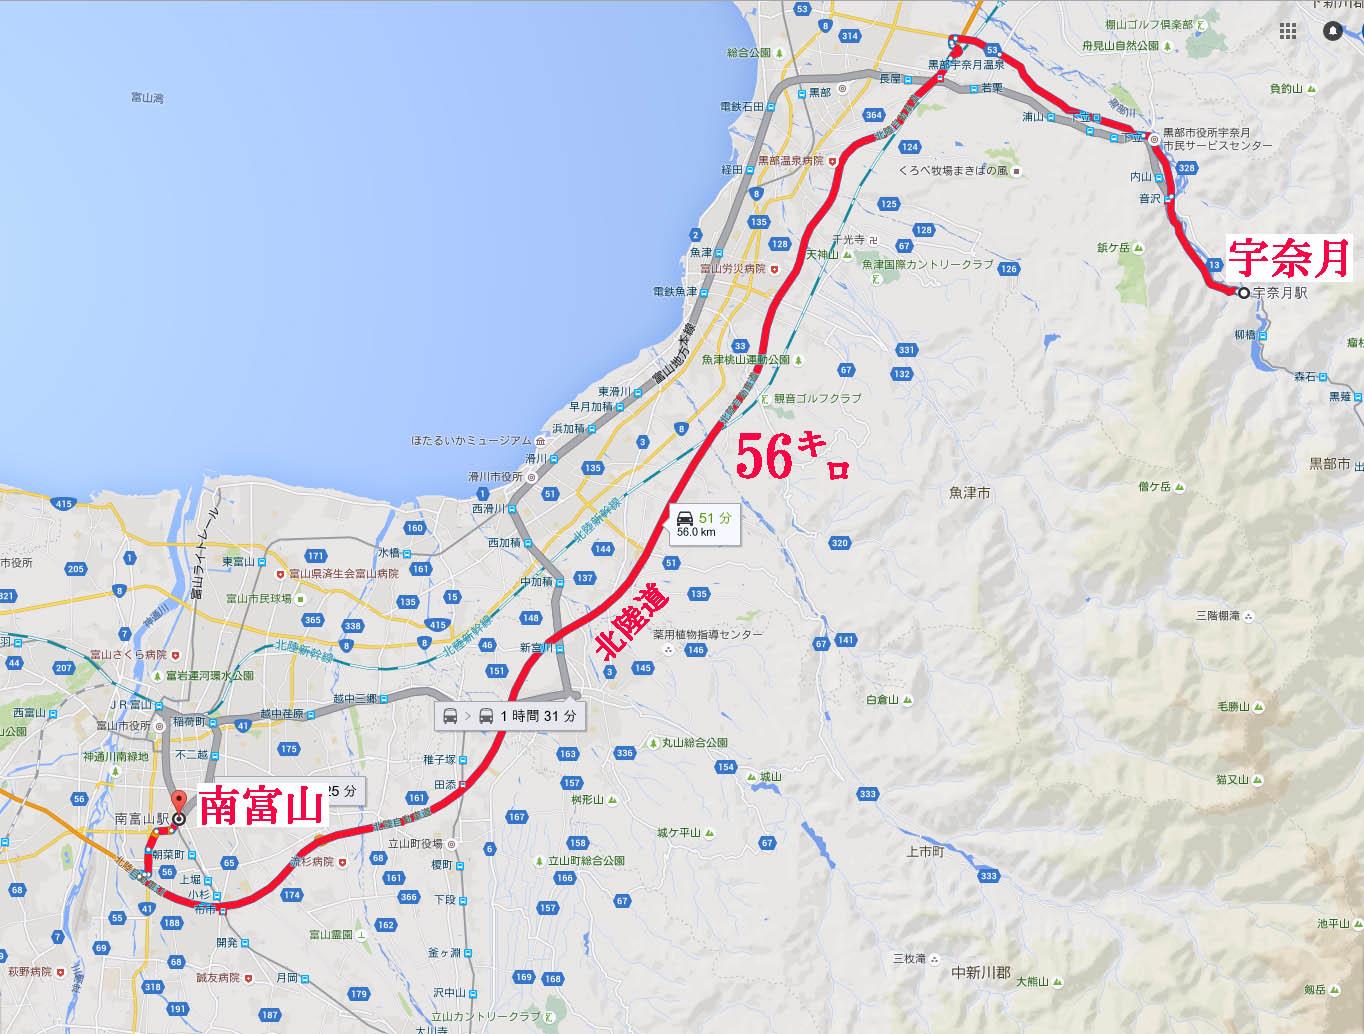 01_Map_100